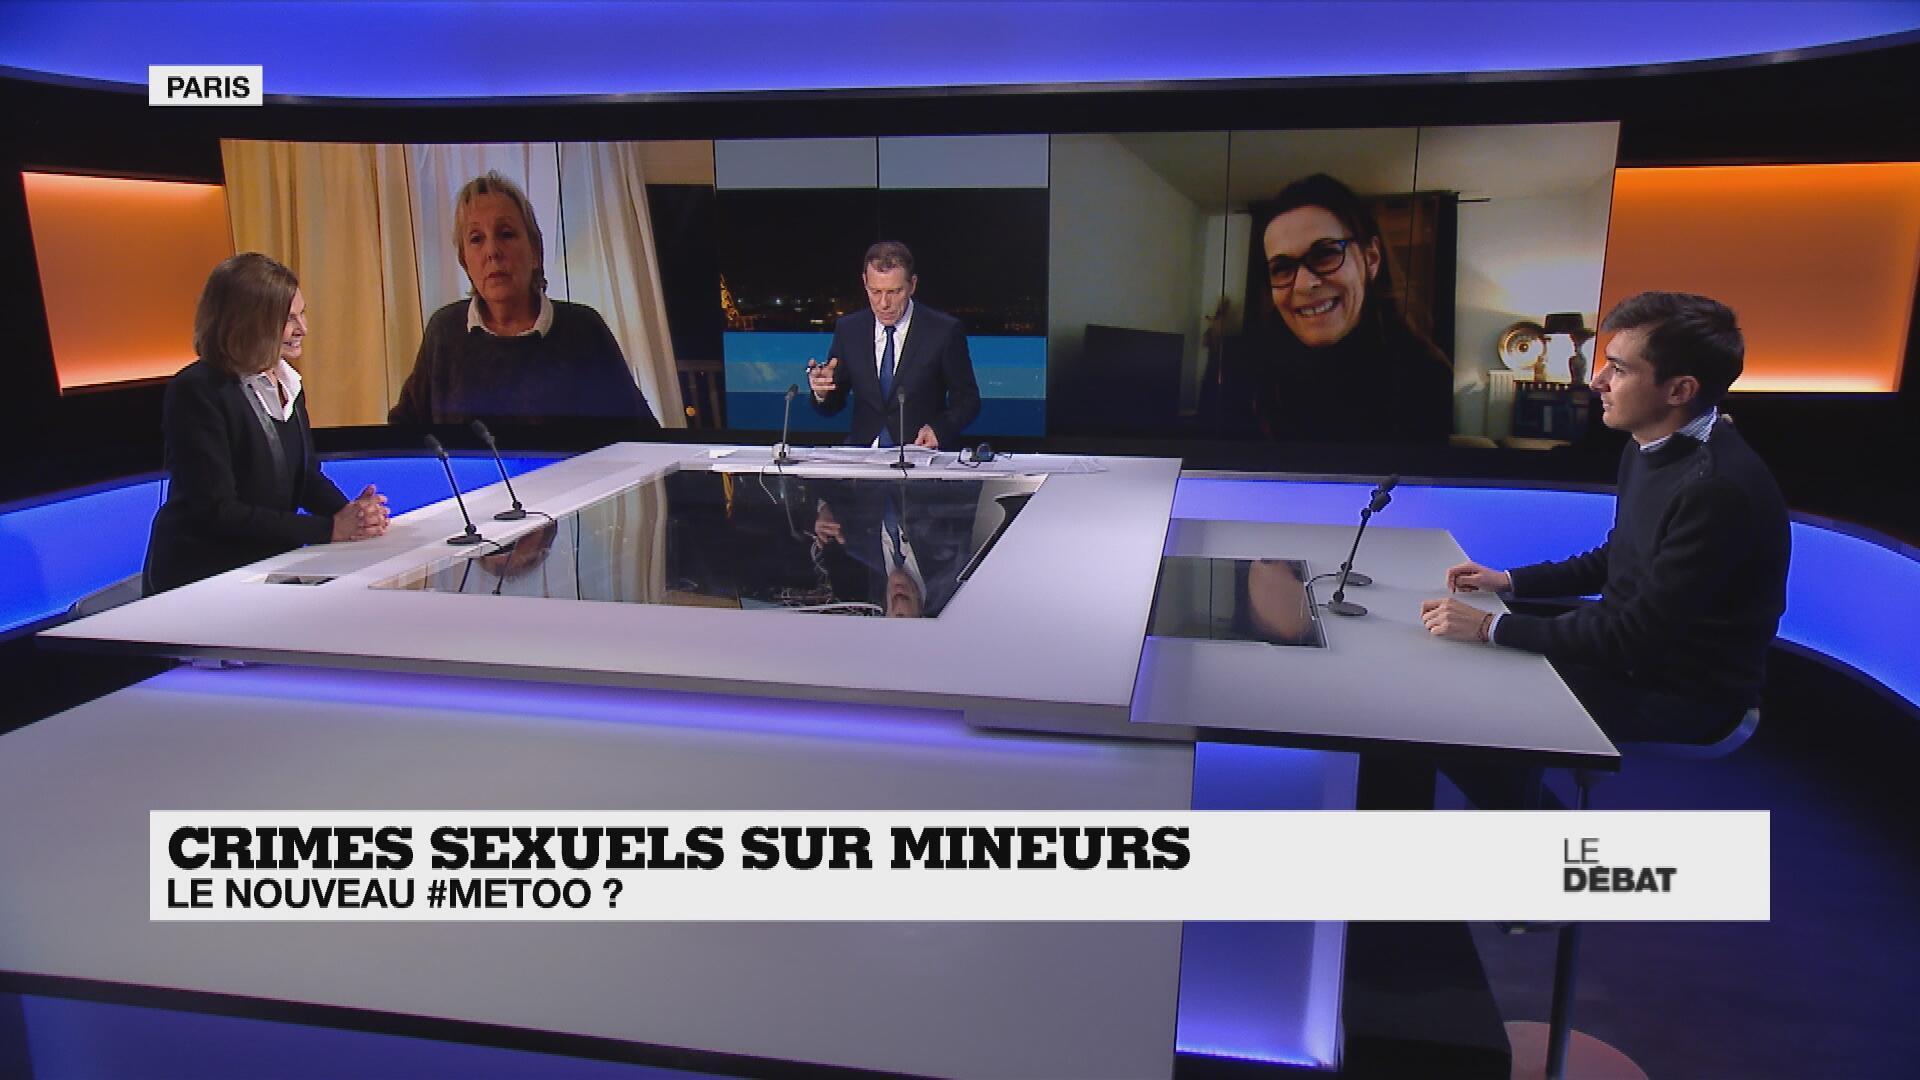 Le Débat de France 24 - jeudi 11 février 2021